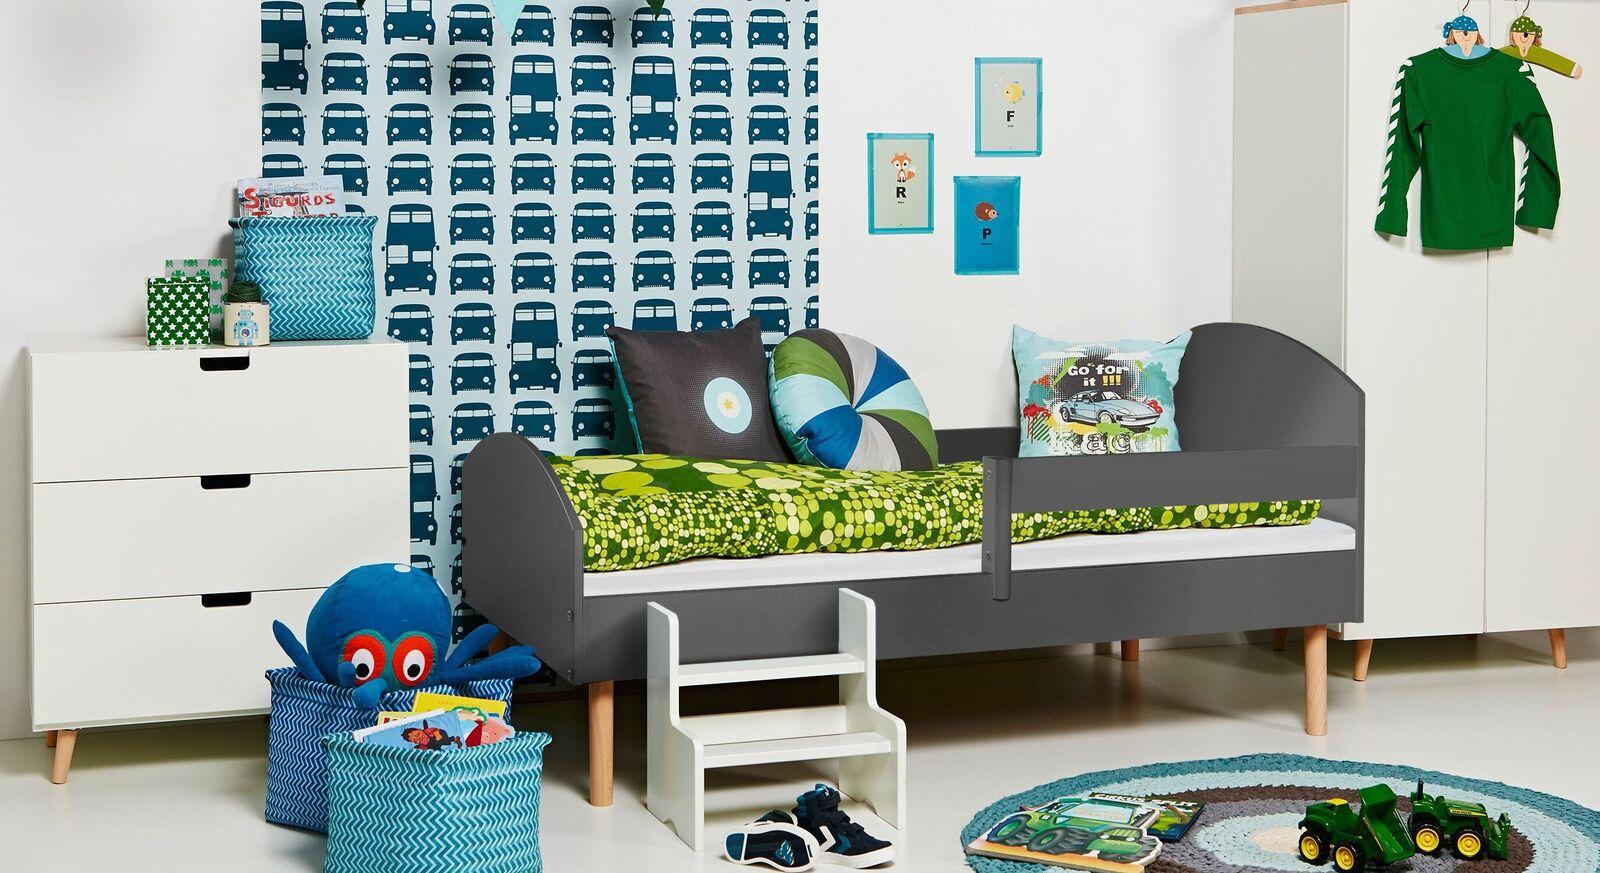 Juniorbett Kids Town Retro mit passenden Kinderzimmer-Möbeln